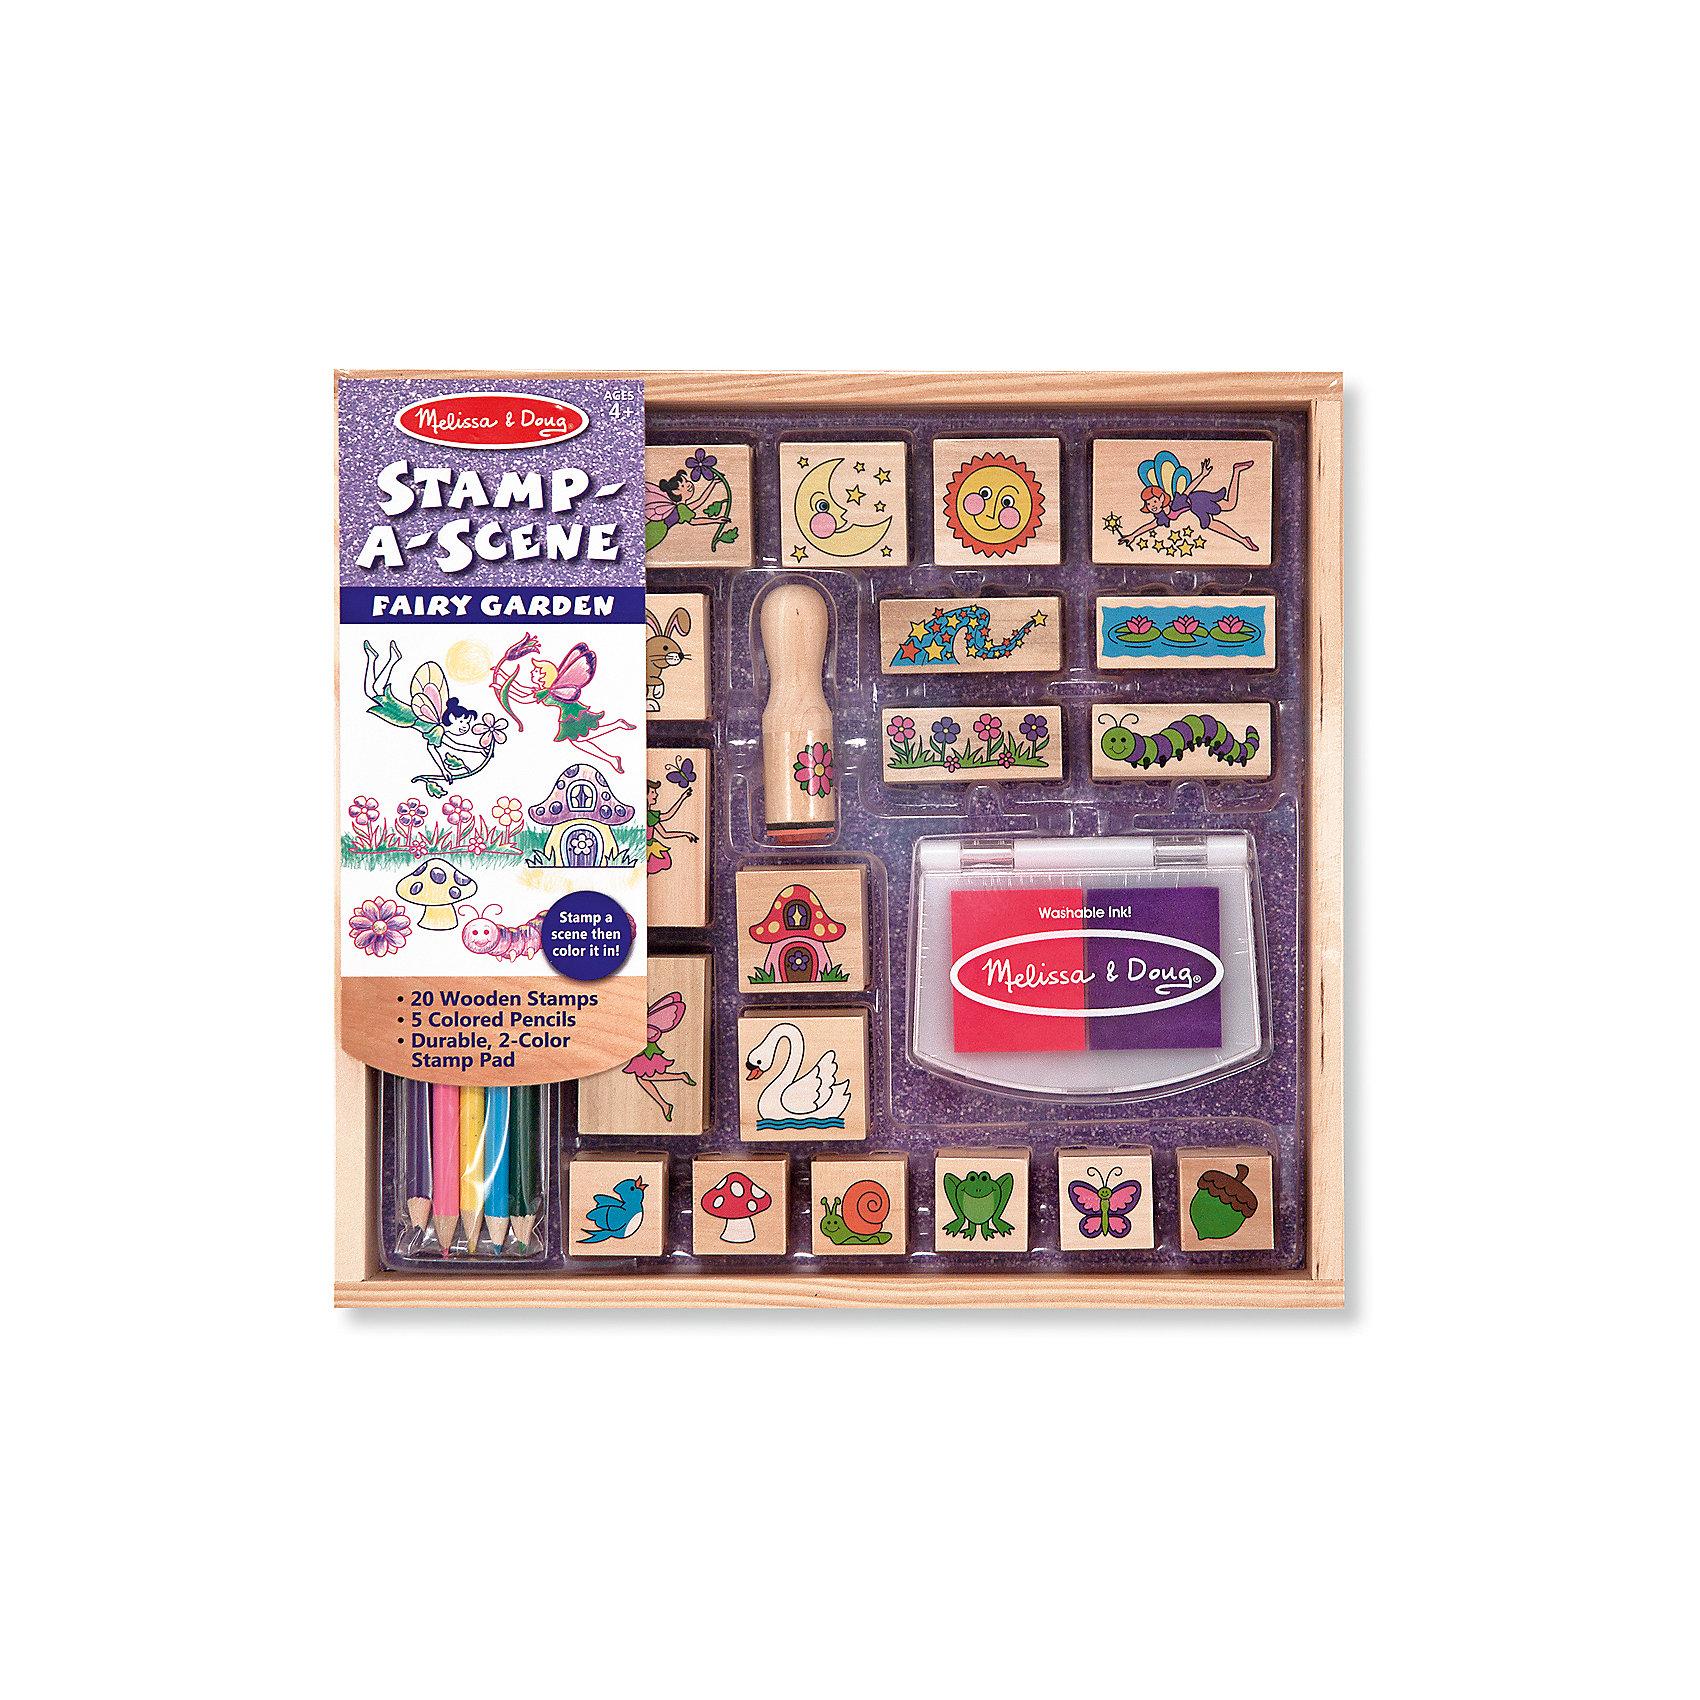 Набор печатей Сад для ФейТакой набор печатей - это отличный вариант подарка ребенку, который одновременно и развлечет малыша, и позволит ему развивать важные навыки. Игра с печатями способствует развитию у малышей мелкой моторики, цветовосприятия, художественного вкуса, внимания и воображения. <br>В набор входит нетоксичная штемпельная подушечка, двадцать печатей с разными картинками - они особенно понравятся любителям фей. Также в наборе есть цветные карандаши. Набор отличается удобной упаковкой, простотой использования и отличным качеством исполнения. <br><br>Дополнительная информация:<br><br>комплектация: карандаши пять цветов, штемпельная подушка, 20 печатей;<br>упаковка: деревянный ящик.<br><br>Набор печатей Сад для Фей от бренда Melissa&amp;Doug можно купить в нашем магазине.<br><br>Ширина мм: 290<br>Глубина мм: 40<br>Высота мм: 270<br>Вес г: 817<br>Возраст от месяцев: 48<br>Возраст до месяцев: 108<br>Пол: Женский<br>Возраст: Детский<br>SKU: 4993634